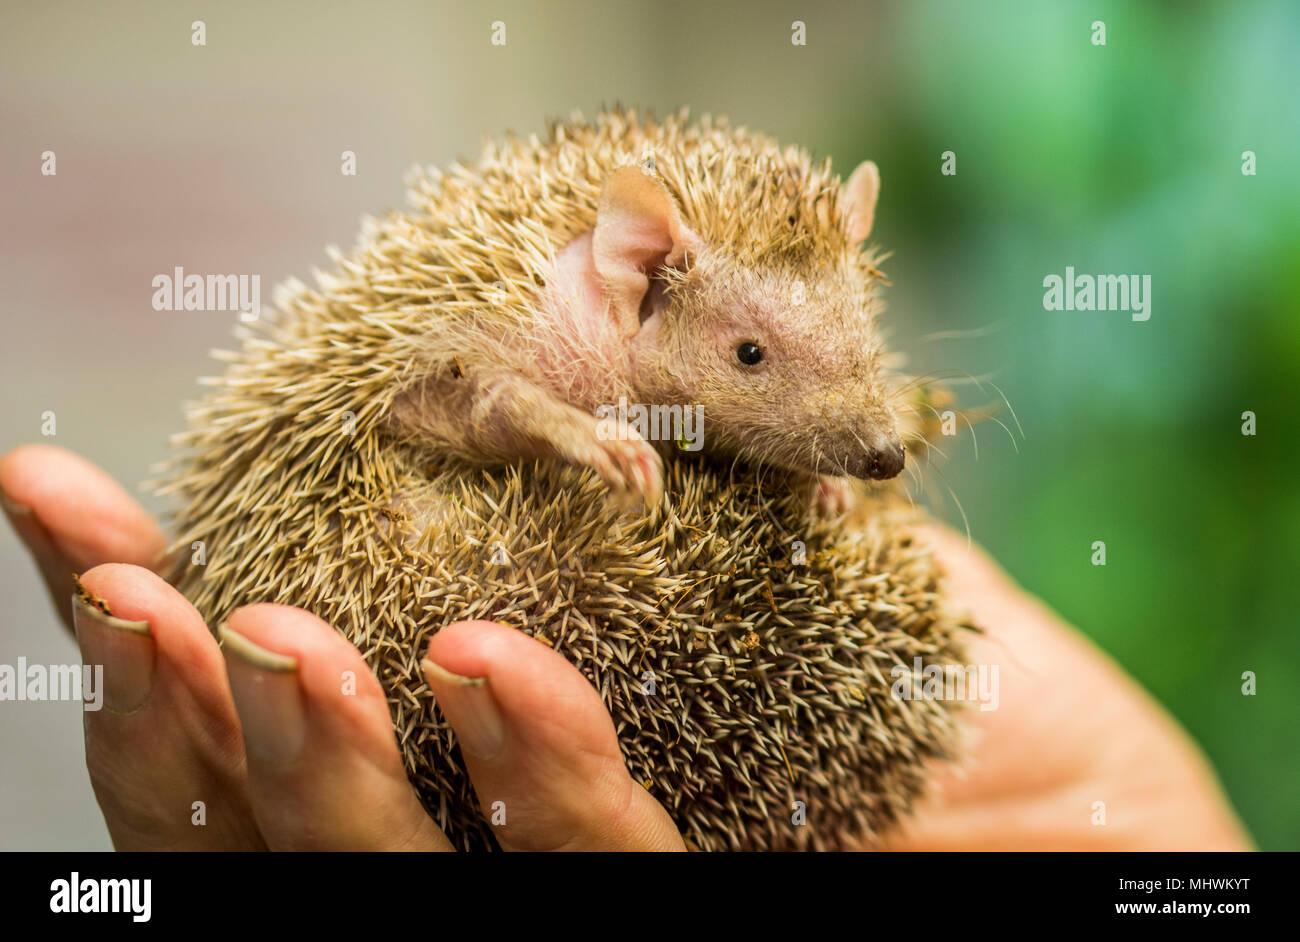 Cute litle Tenrec being held in keeps hand - Stock Image